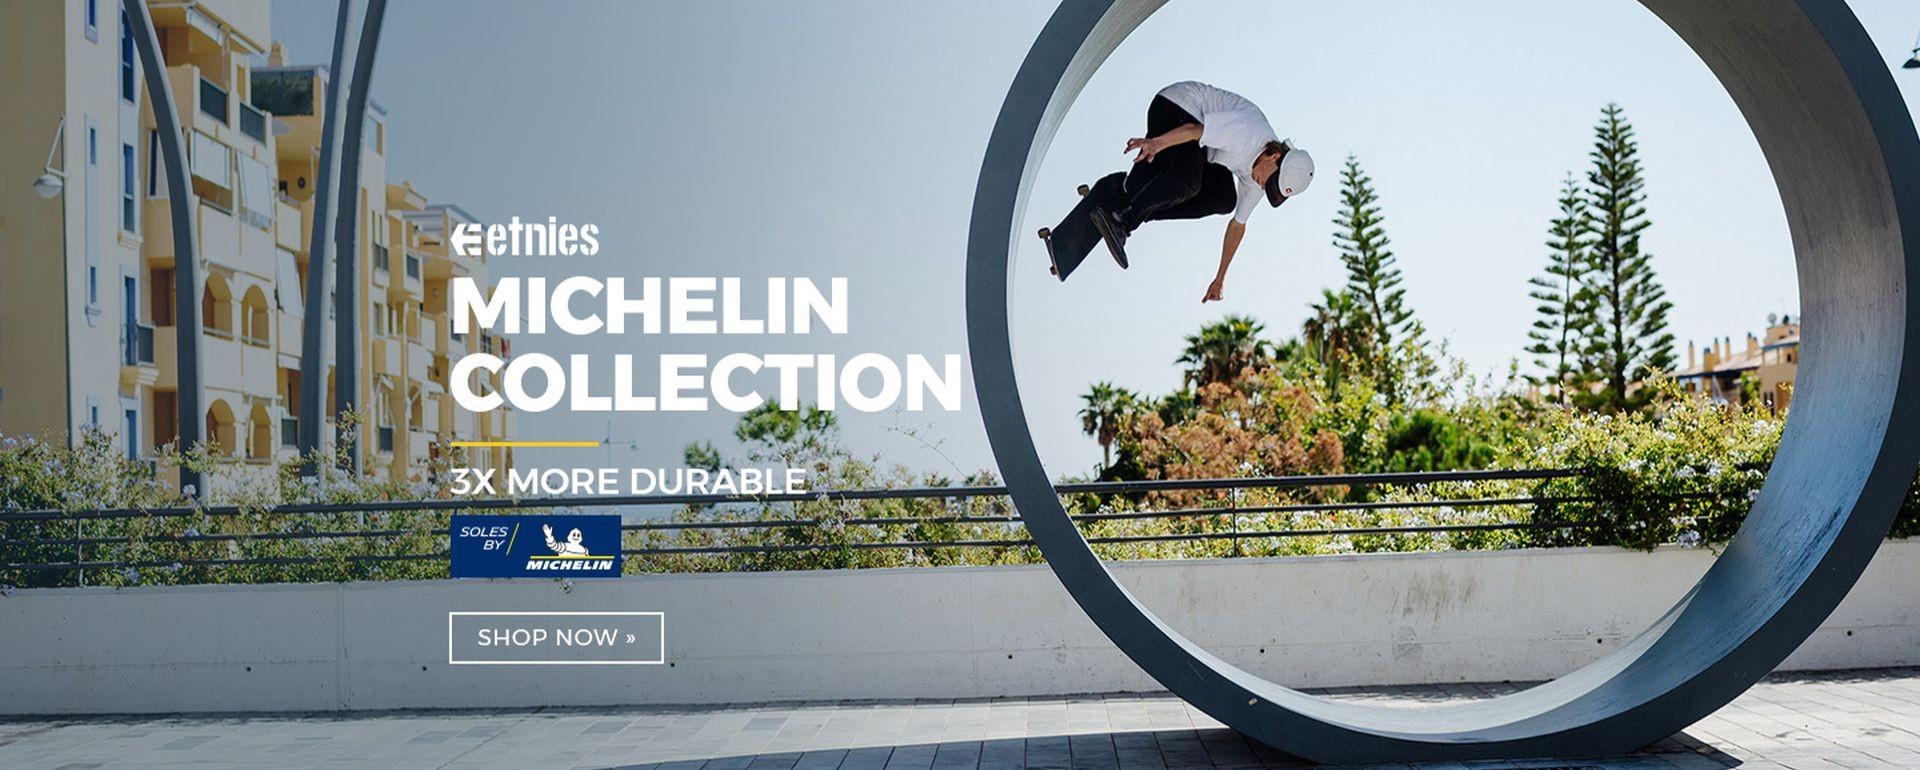 Etnies - podrážka Michelin u skate modelů bot - 3x odolnější než obyčejná